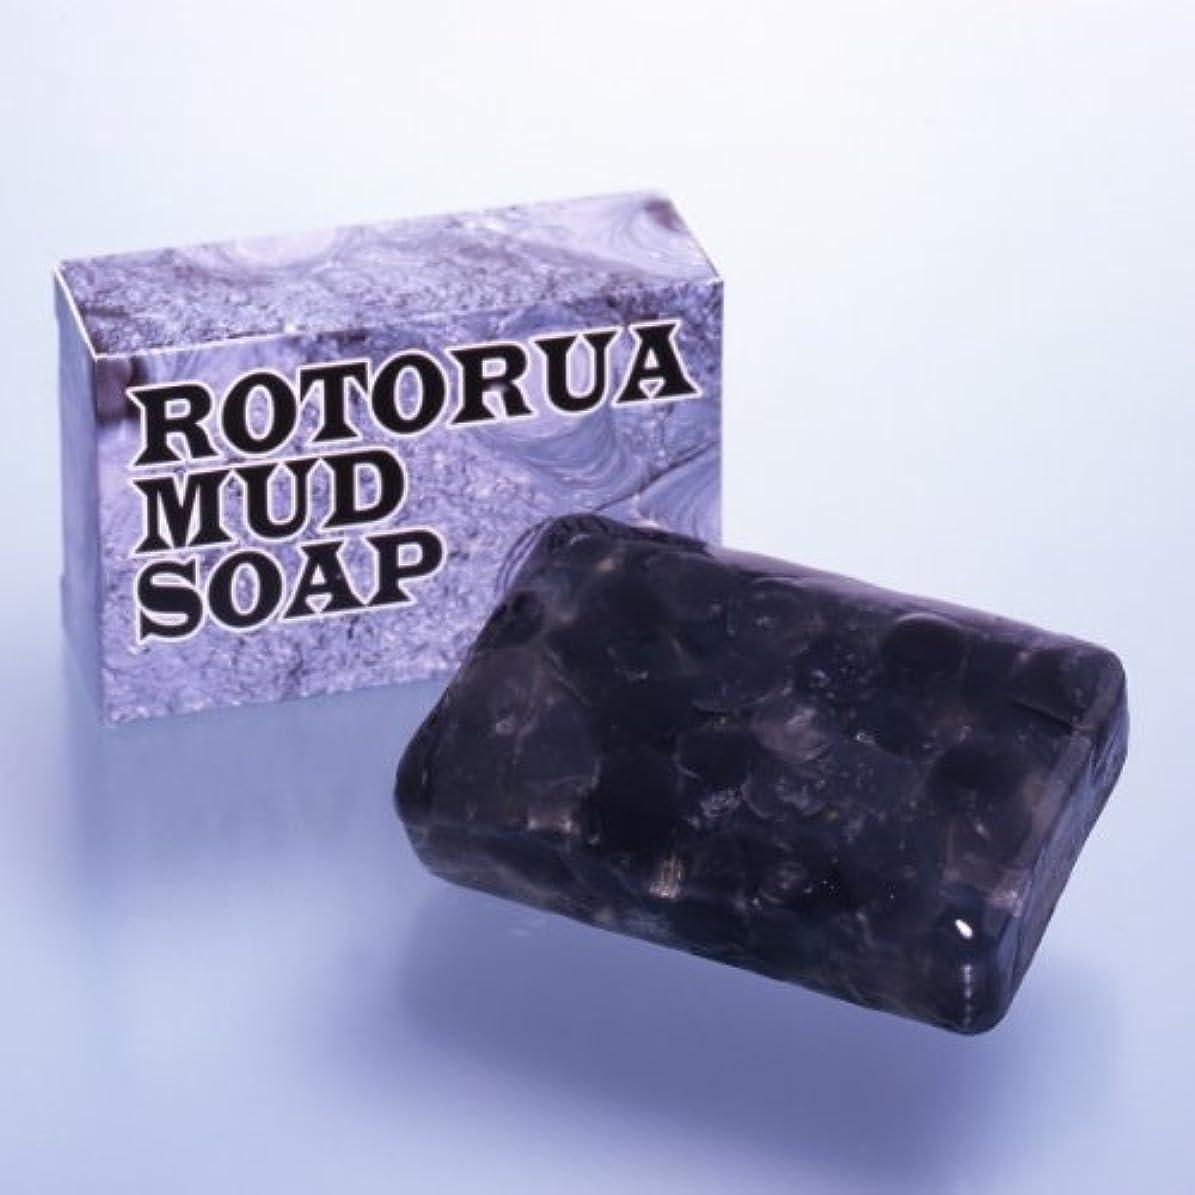 メディアゴールデンシェルロトルア火山から生まれたミネラル石鹸がシミ?色黒に絶大な効果『ロトルア?マッドソープ』